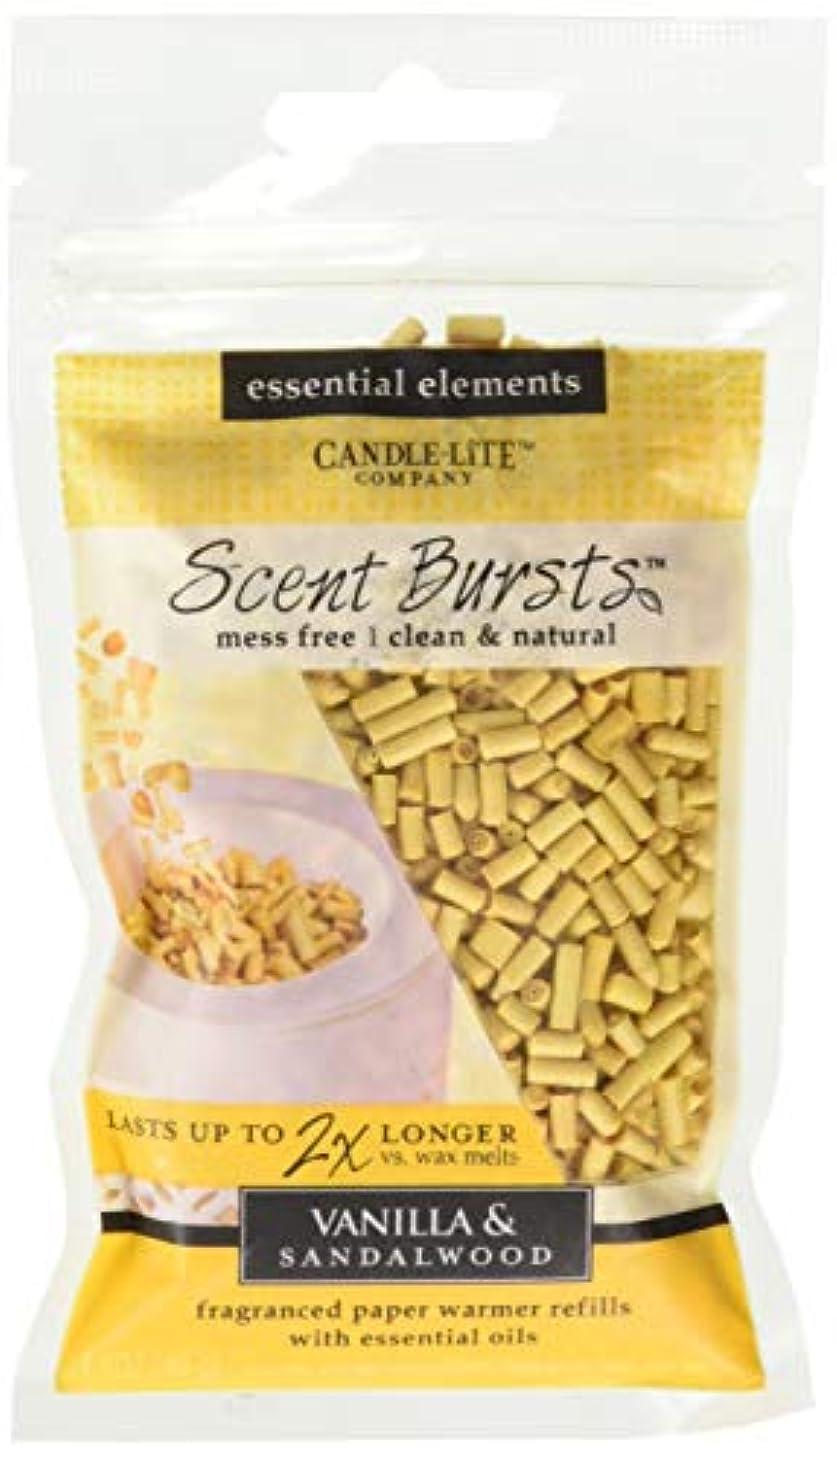 狂信者スープお嬢candle-lite Essential要素クリーン&ナチュラル香りバースト用紙Warmer Refillsより2 x長持ちワックス Vanilla & Sandalwood 4 Pack ベージュ